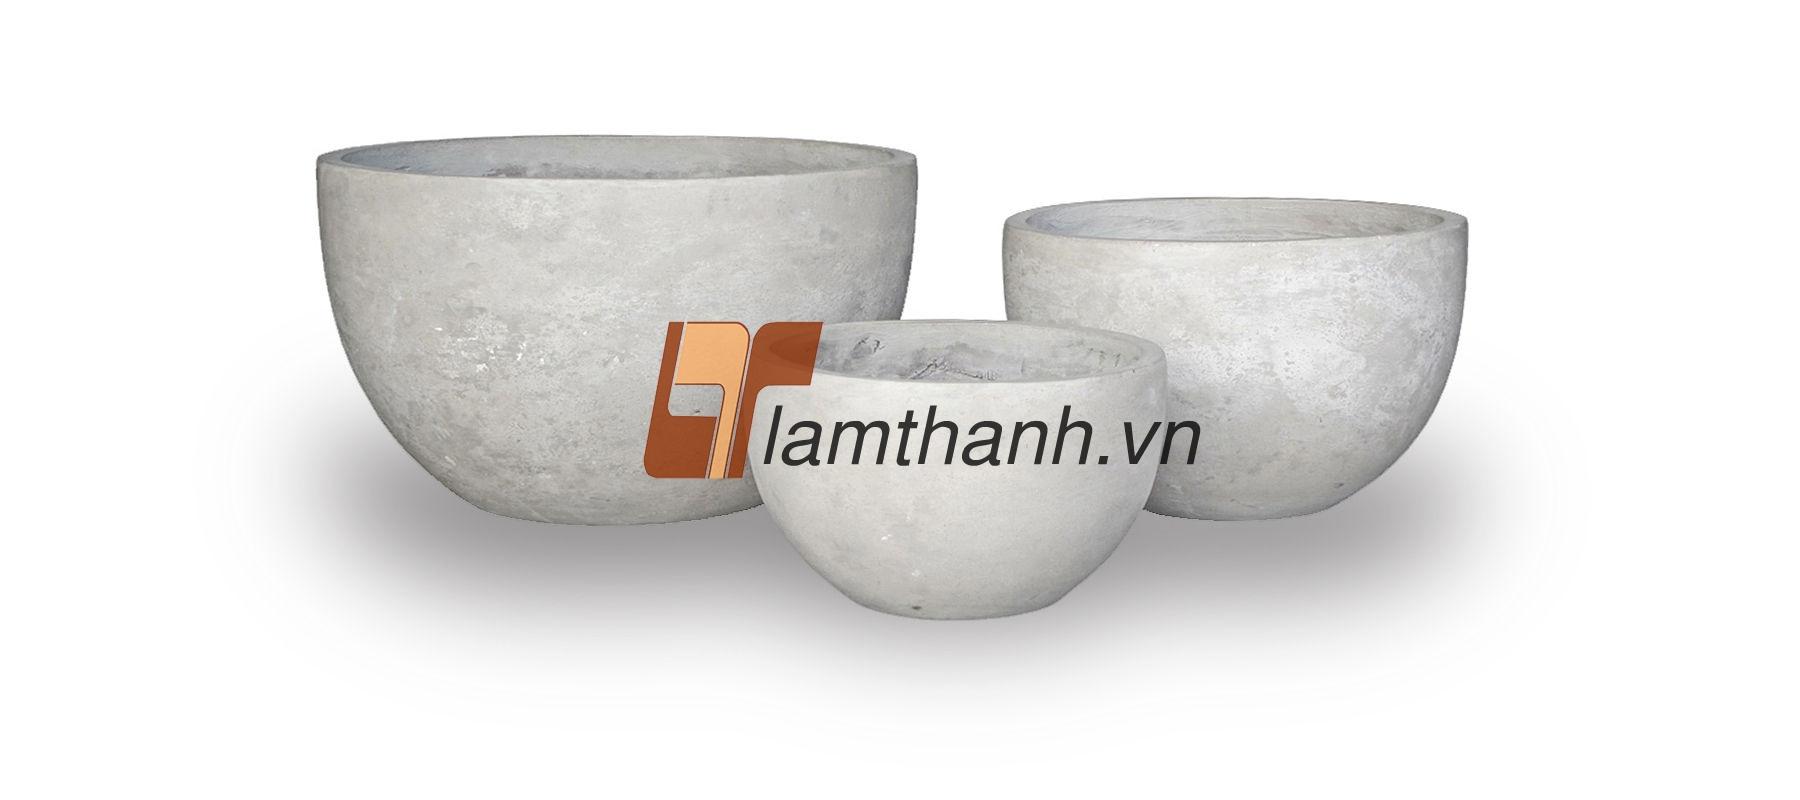 vietnam concrete, fibercement 09